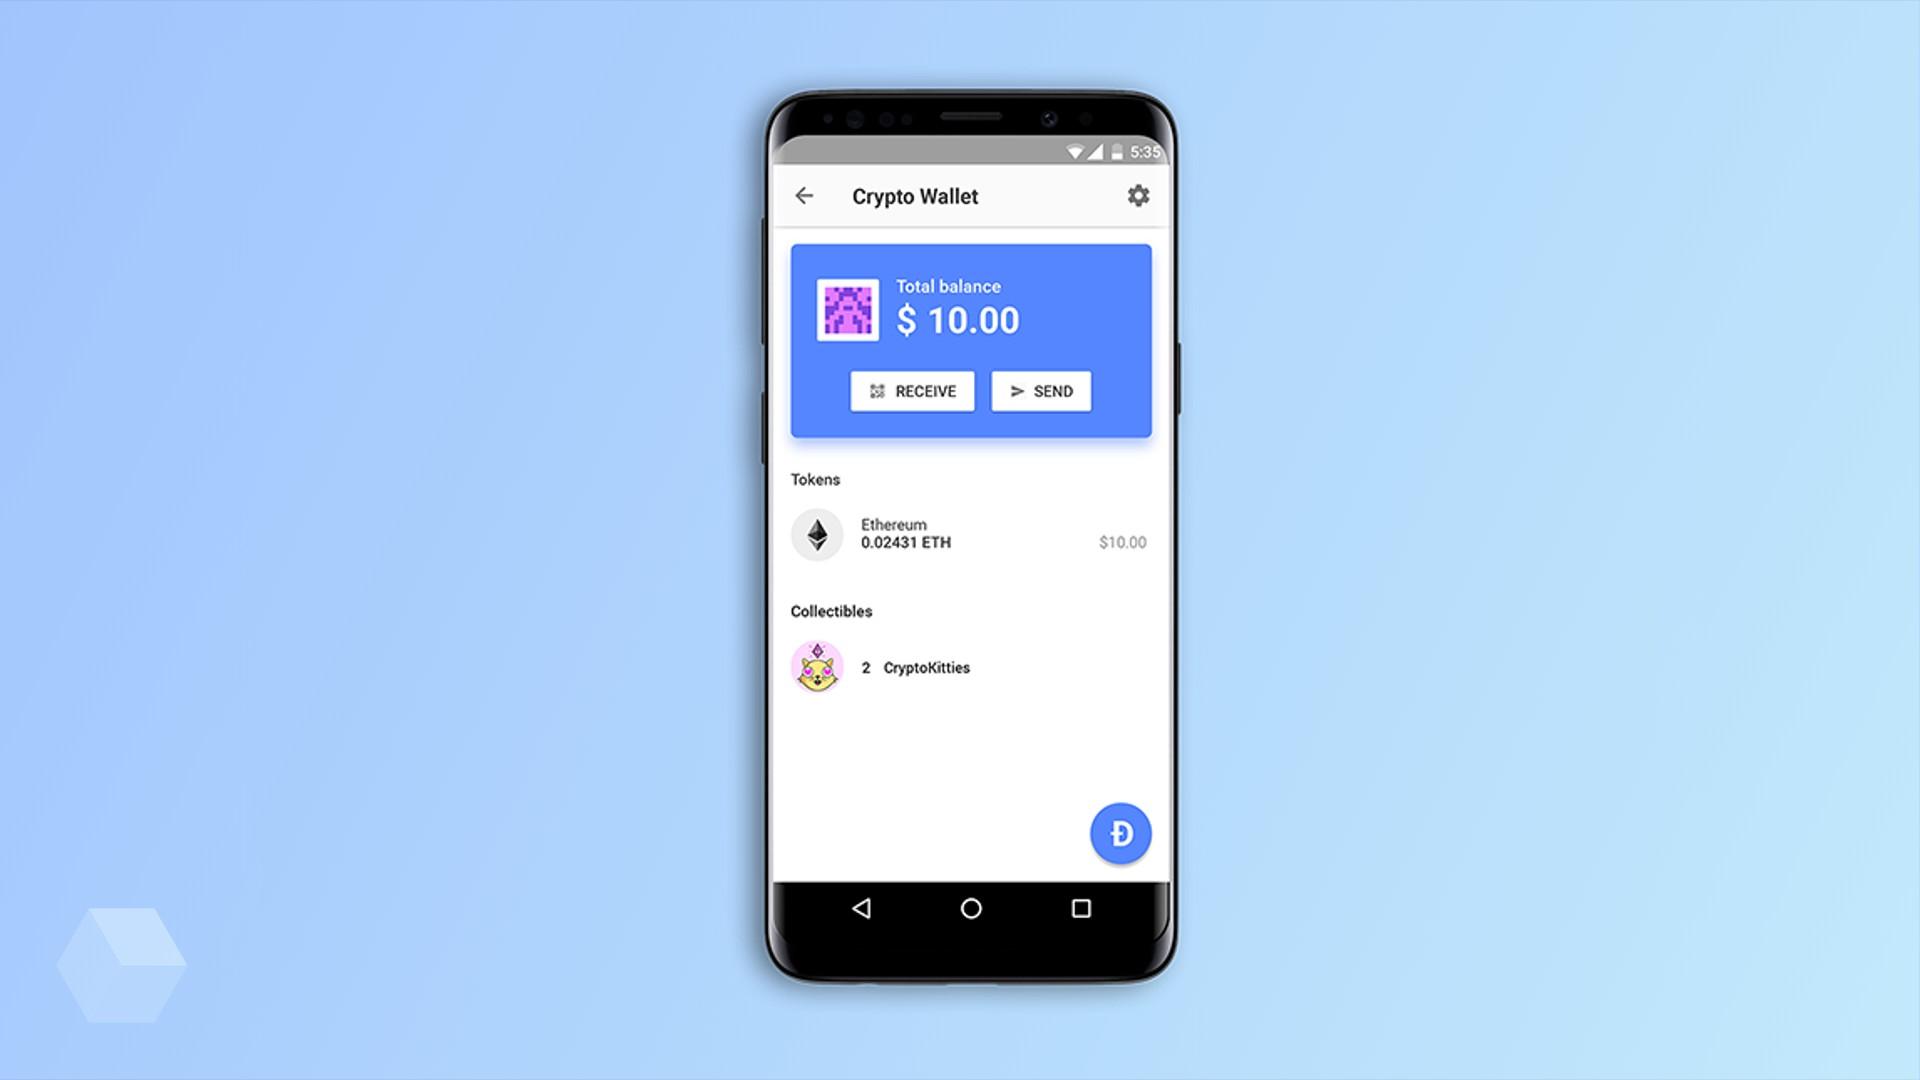 Opera встроит криптокошелёк в мобильный браузер